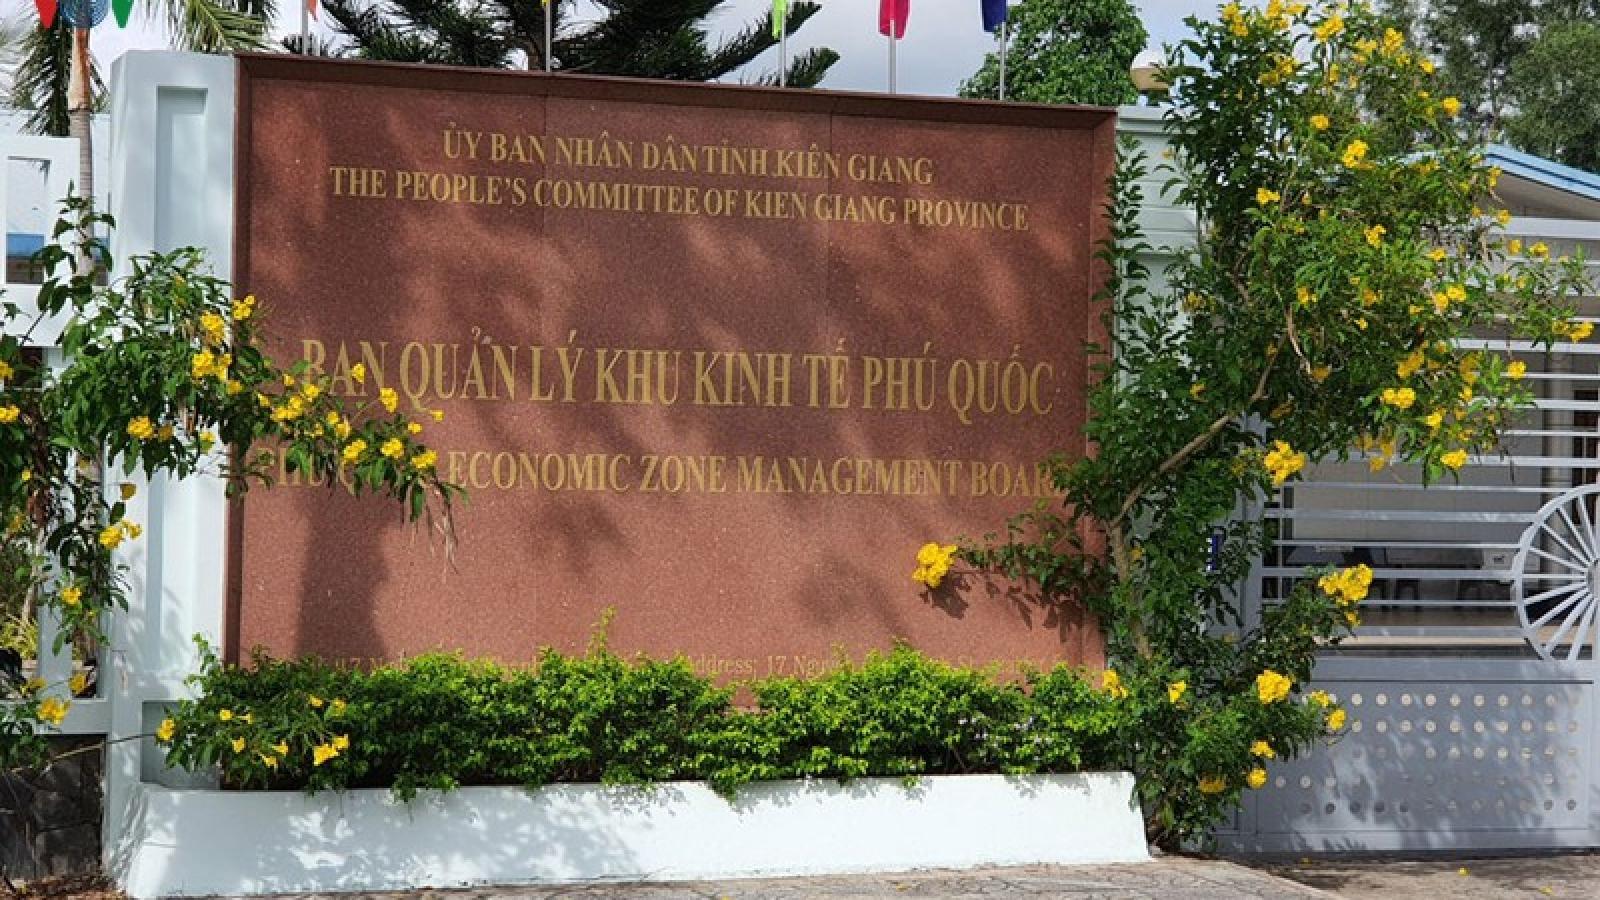 Sai phạm ở BQL Khu kinh tế Phú Quốc, tỉnh chỉ đạo khắc phục ra sao?